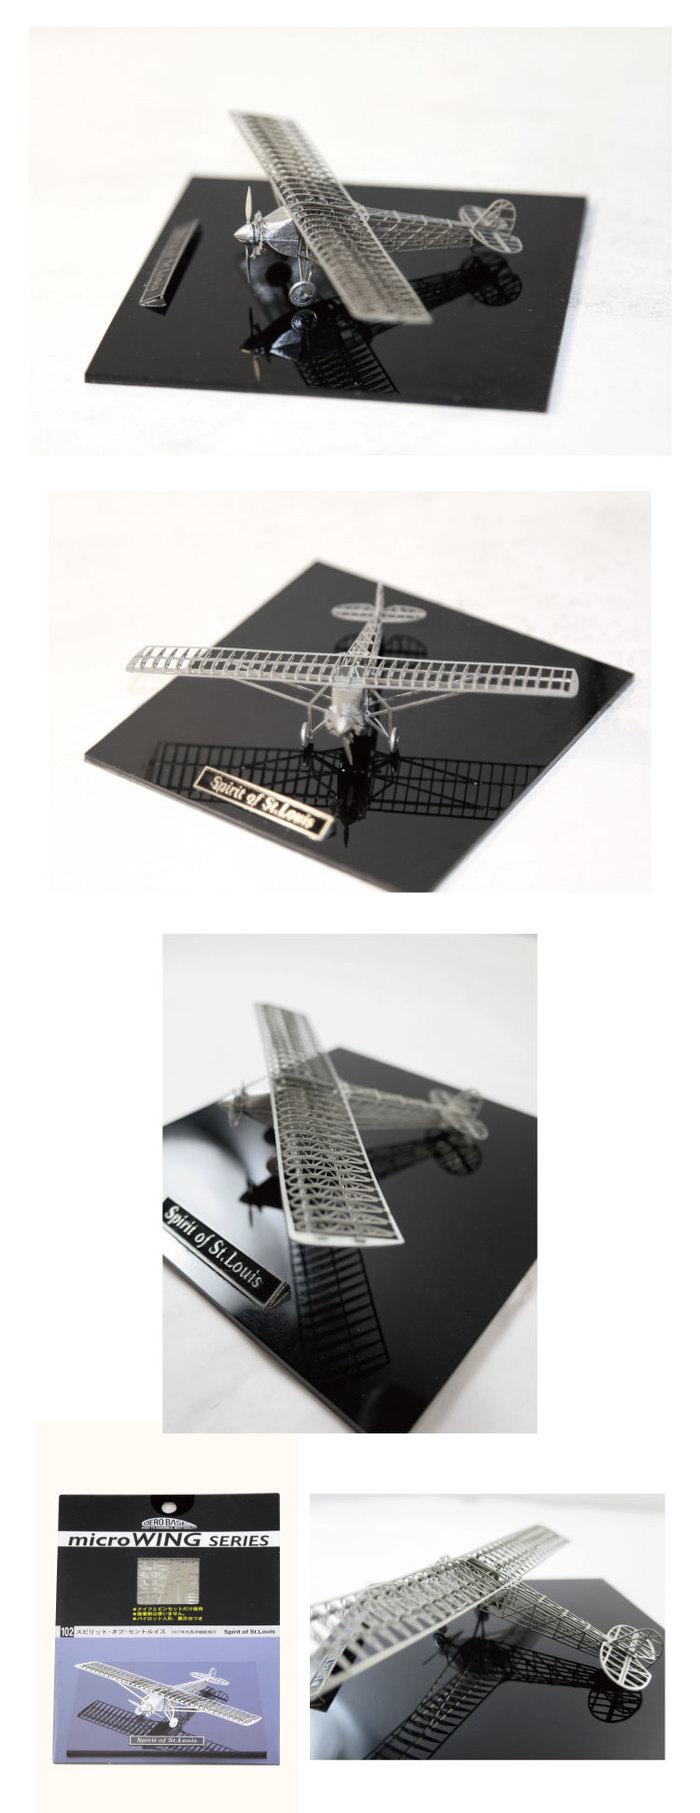 (複製)Aerobase|金屬模型組裝飛機Wright萊特兄弟飛行者1號鎳銀版模型(1/160)